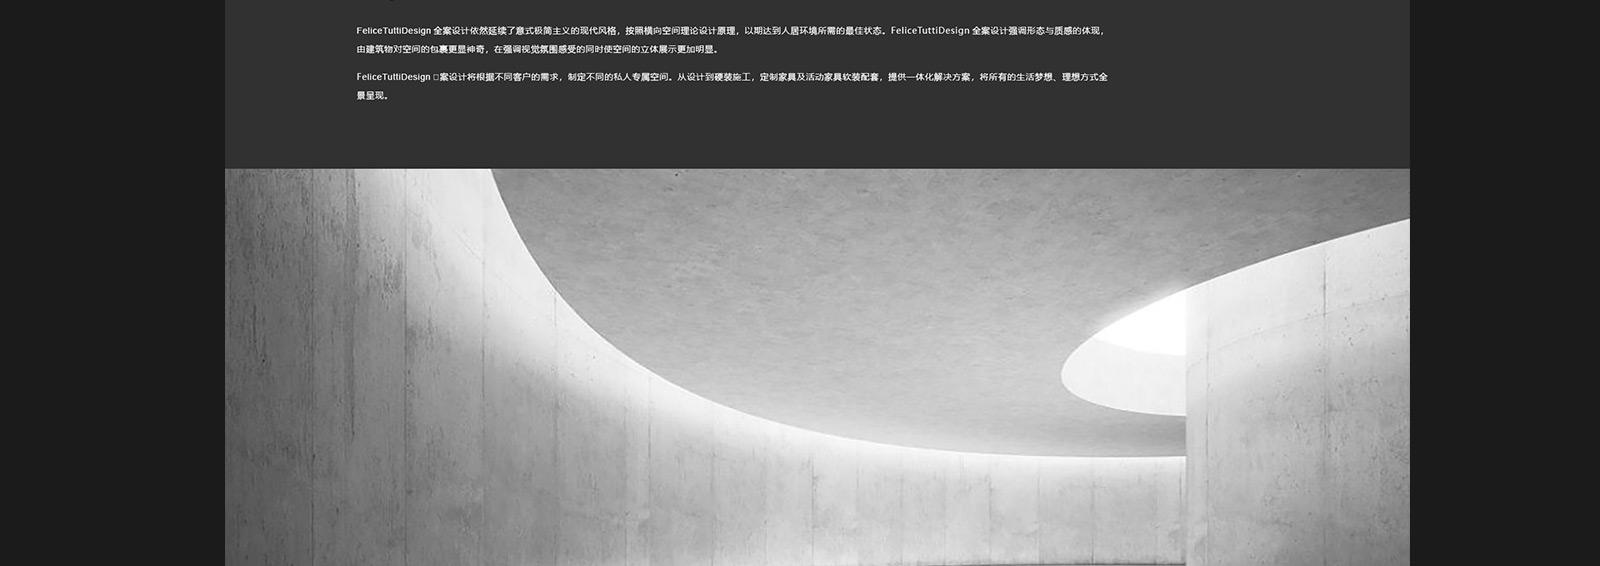 德驰案例展示_08.jpg